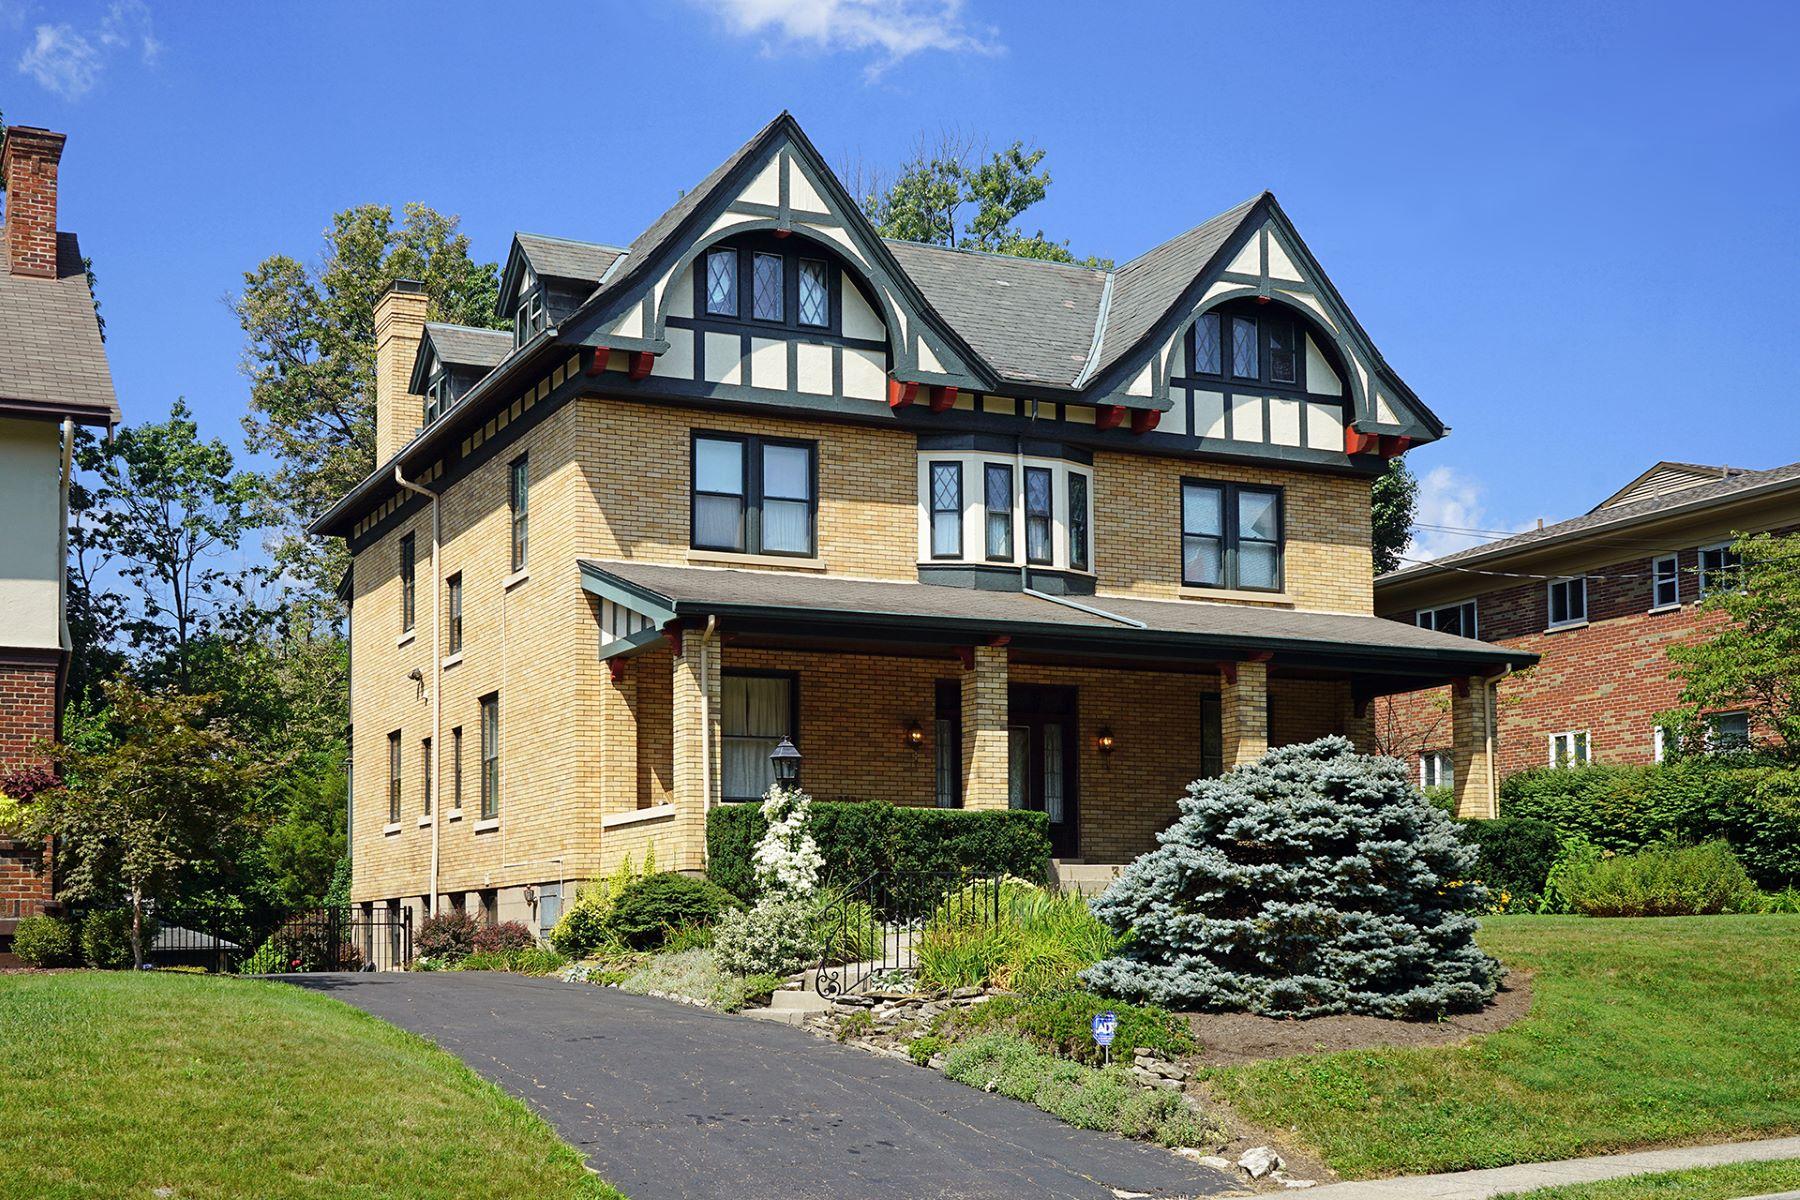 Single Family Homes für Verkauf beim Picturesque Street Two Blocks To Hyde Park Square 3567 Shaw Avenue, Cincinnati, Ohio 45208 Vereinigte Staaten